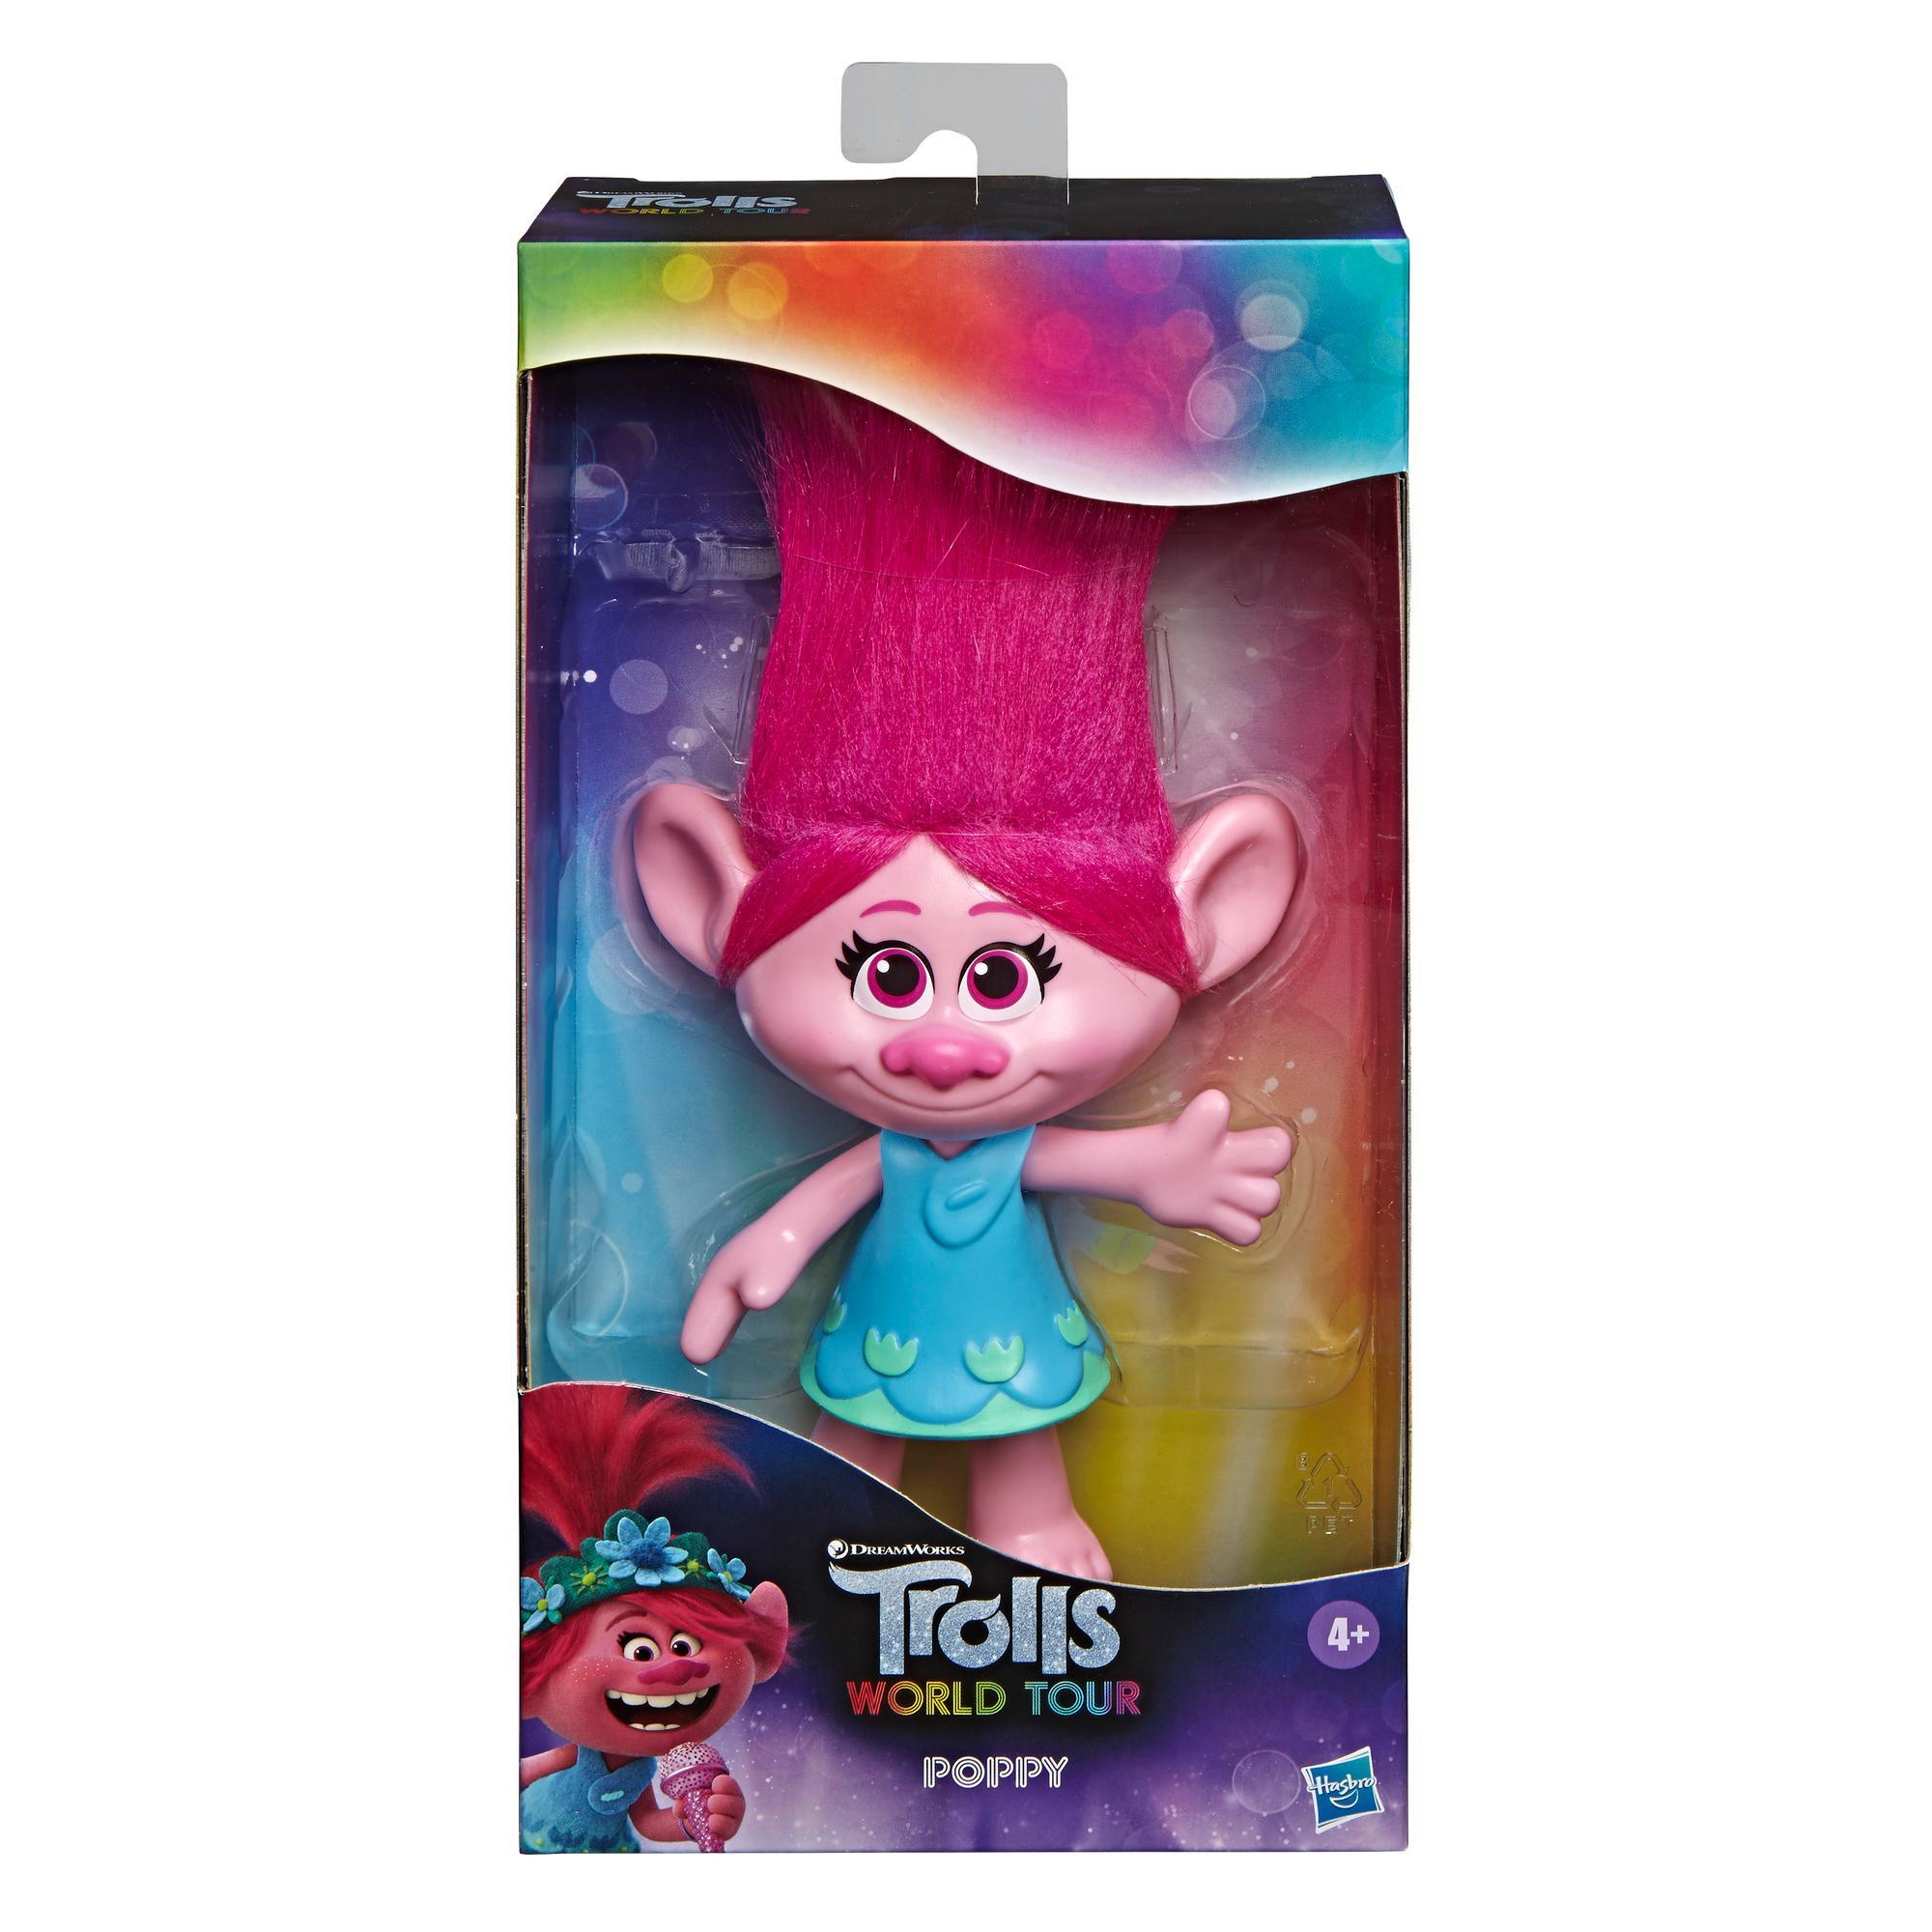 DreamWorks Trolls - Figura de Poppy con vestido removible, inspirada en la película Trolls: World Tour - Juguete para niños y niñas de 4 años en adelante